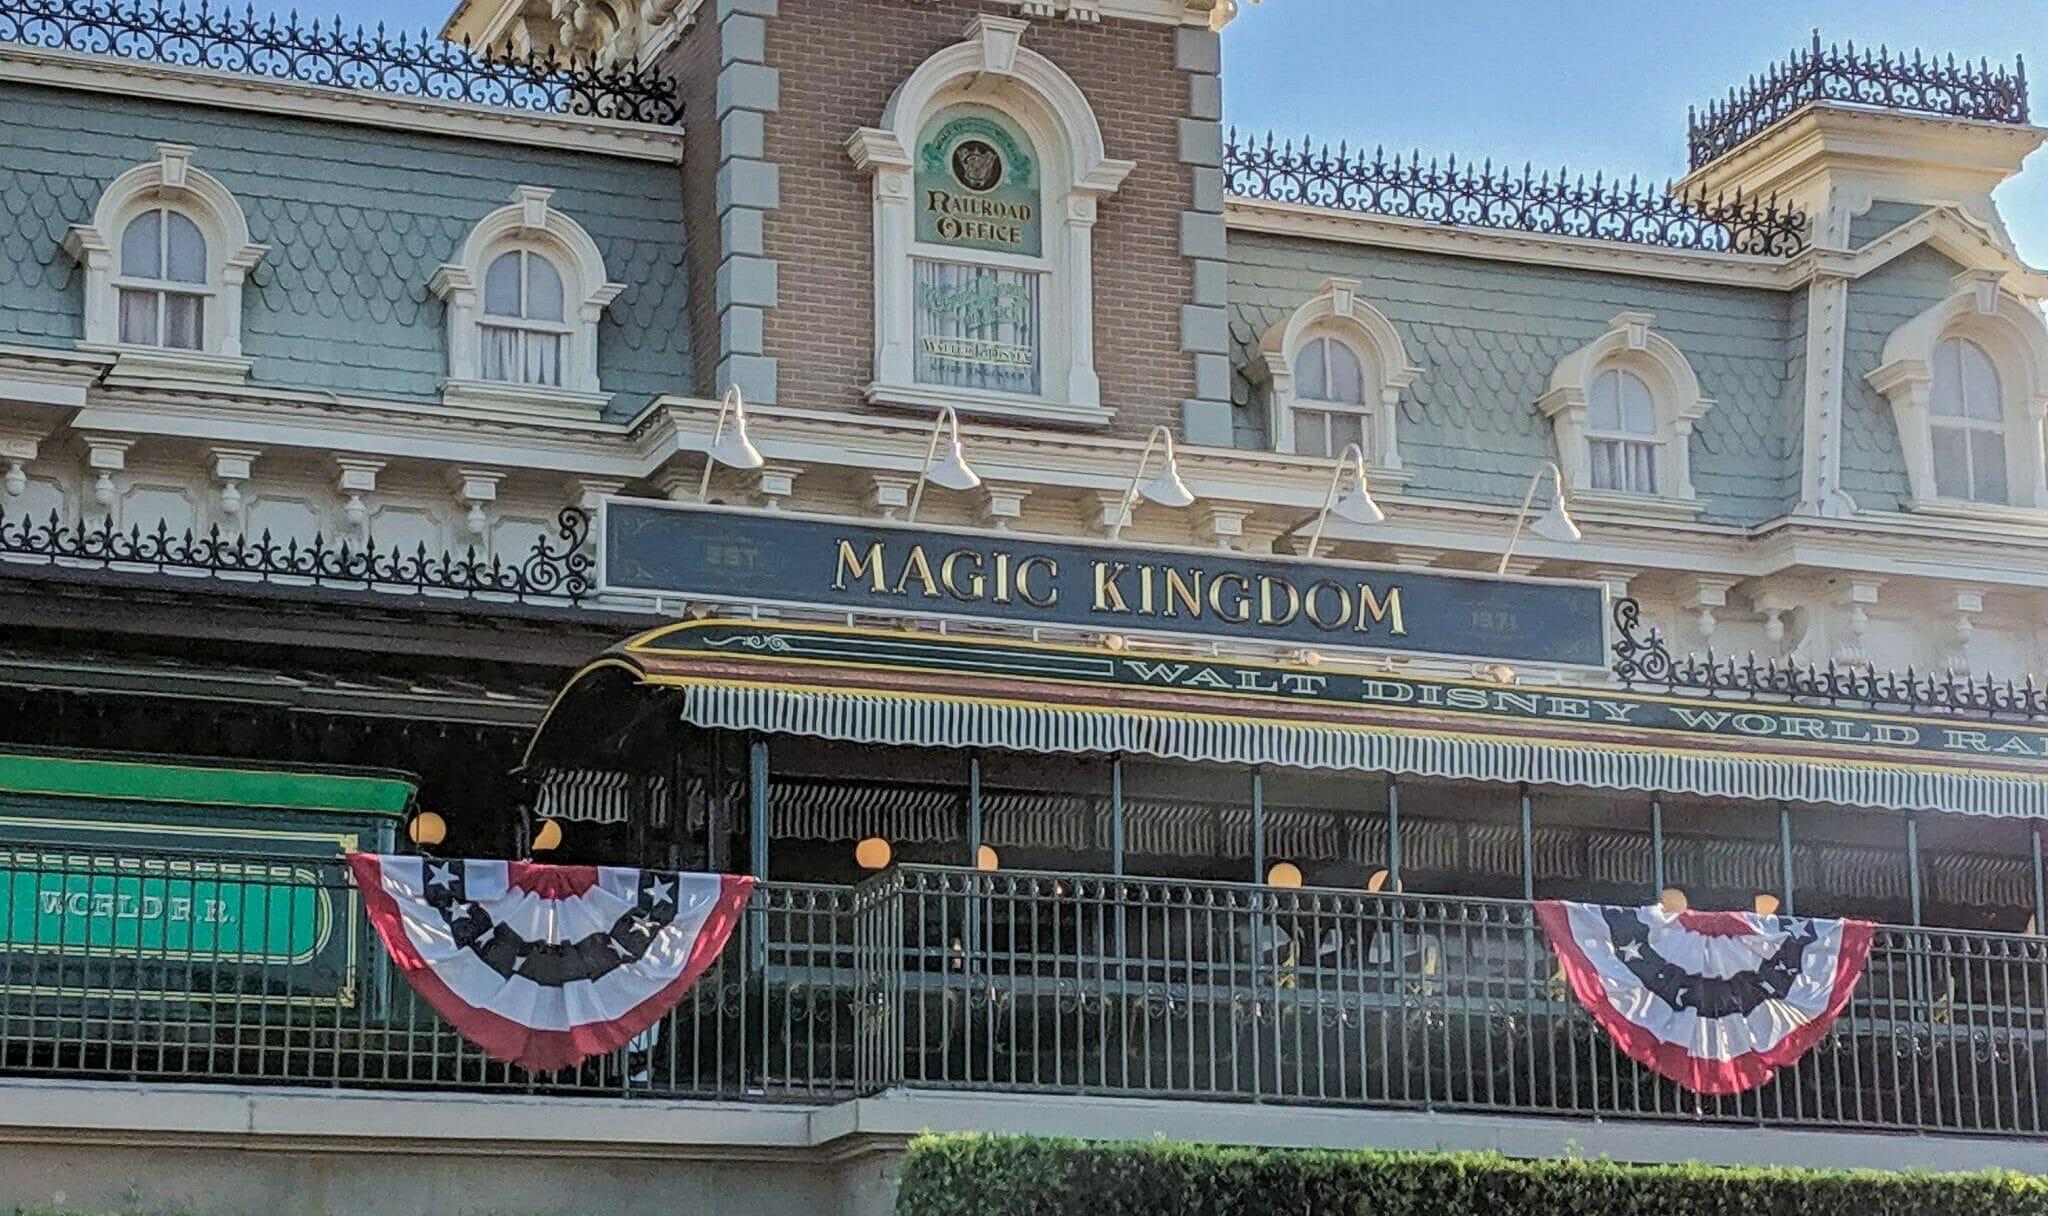 Foto da frente do Magic Kingdom, onde está escrito o nome do parque.